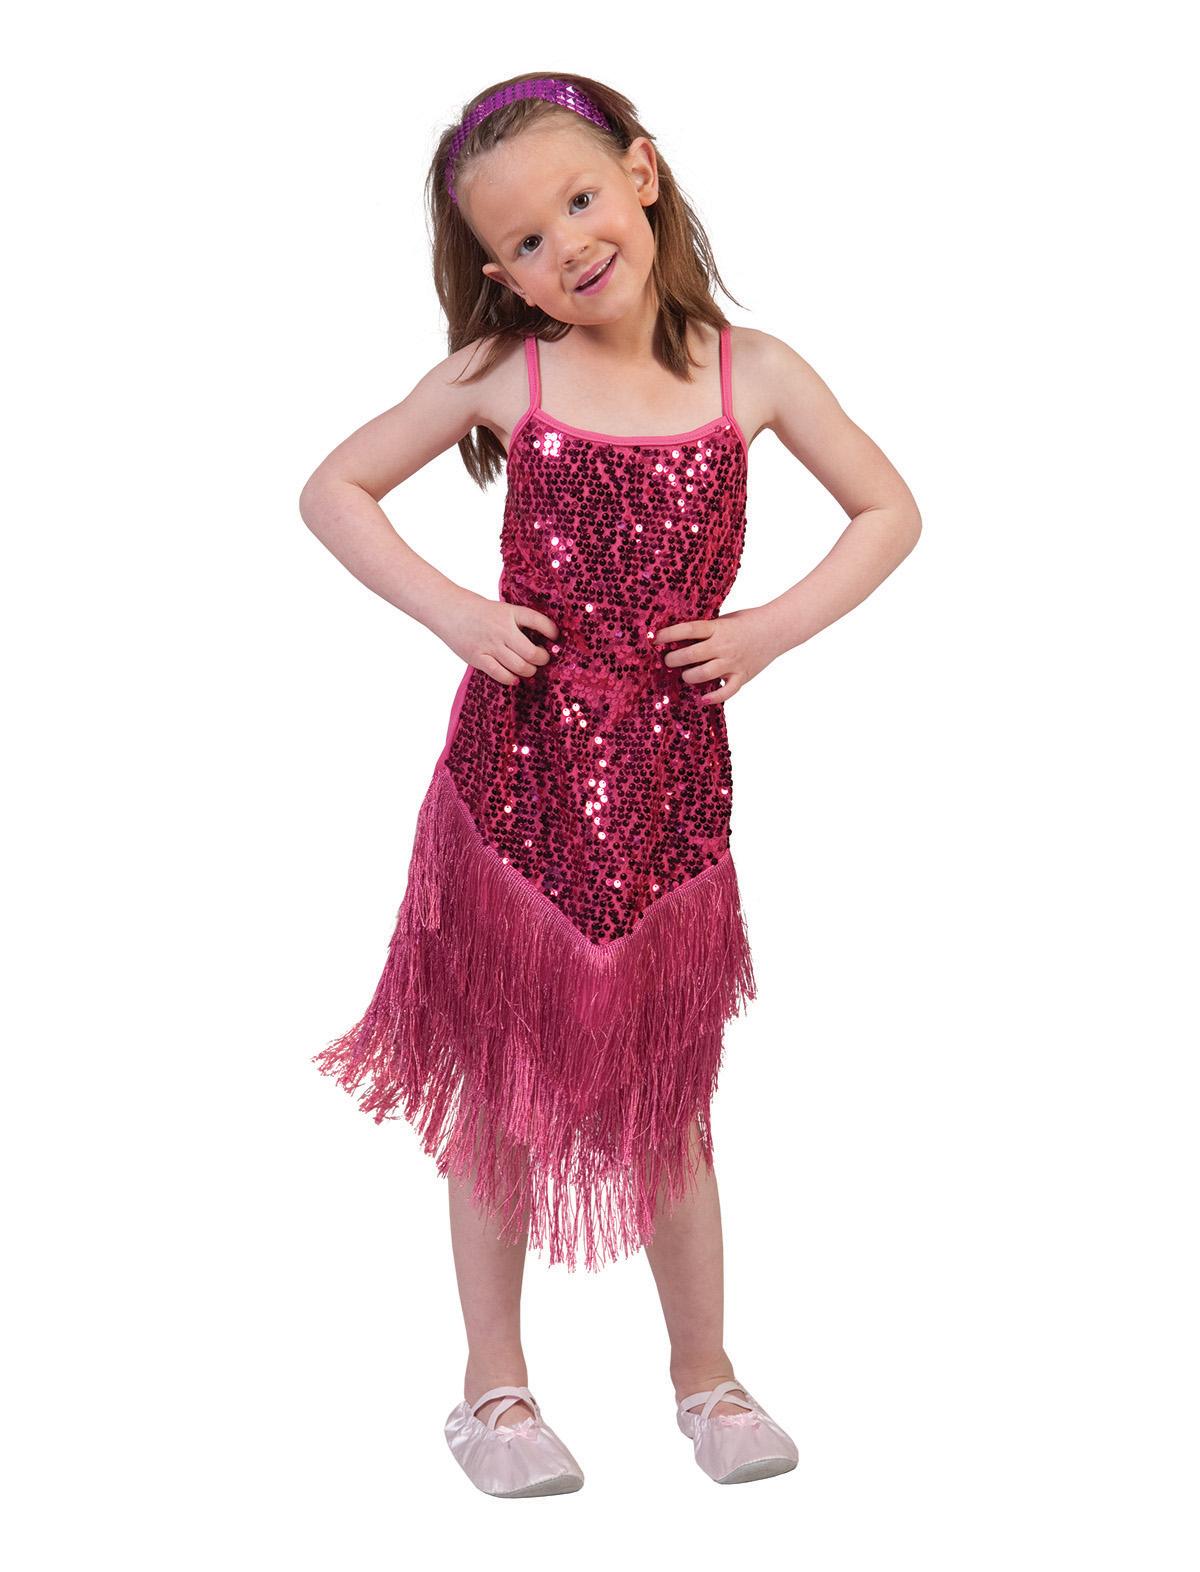 Charlestonkleid Glamour Kind pink